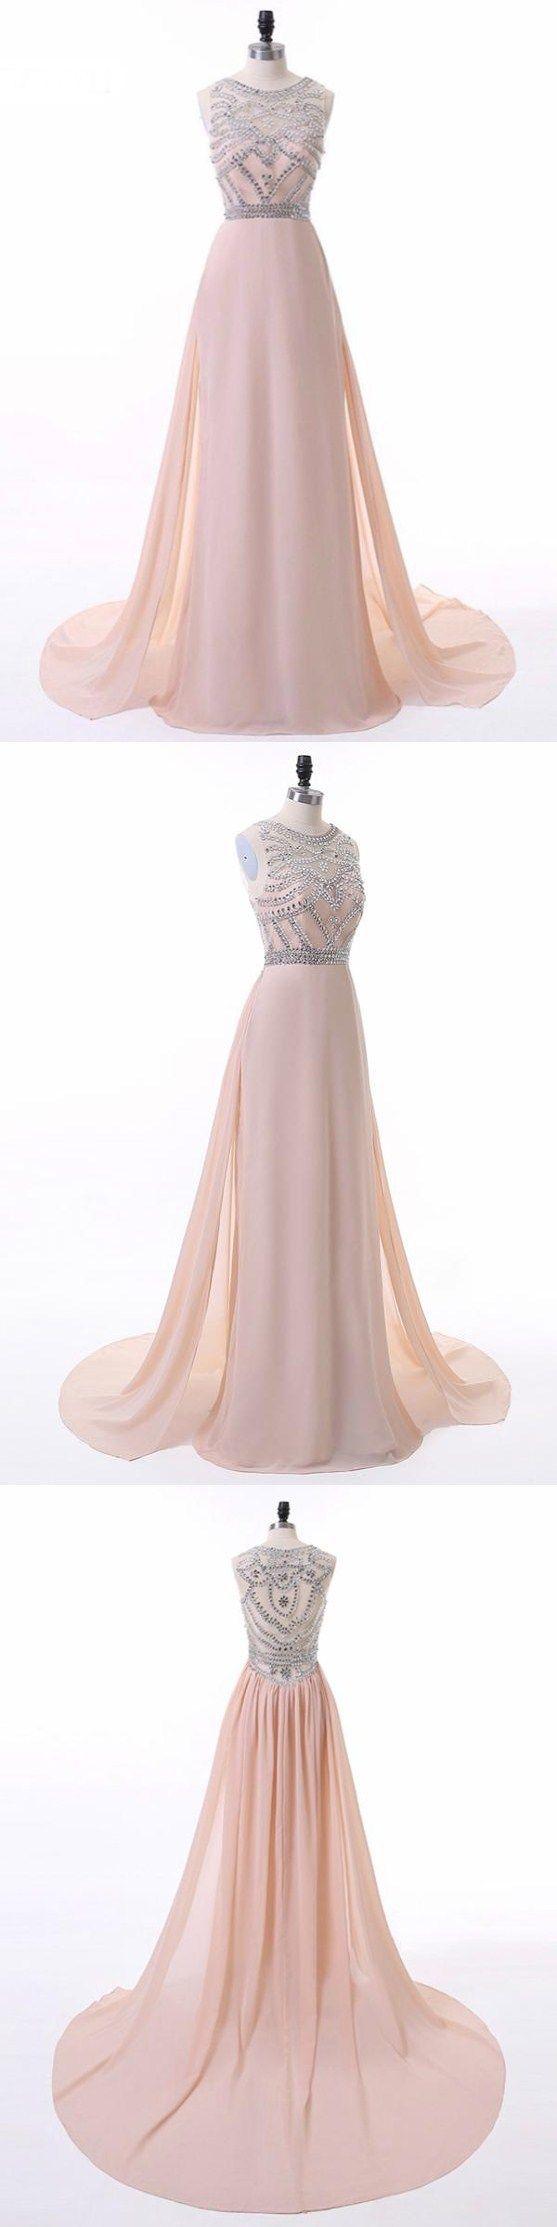 Prom dresses longprom dresses prom dresses simple prom